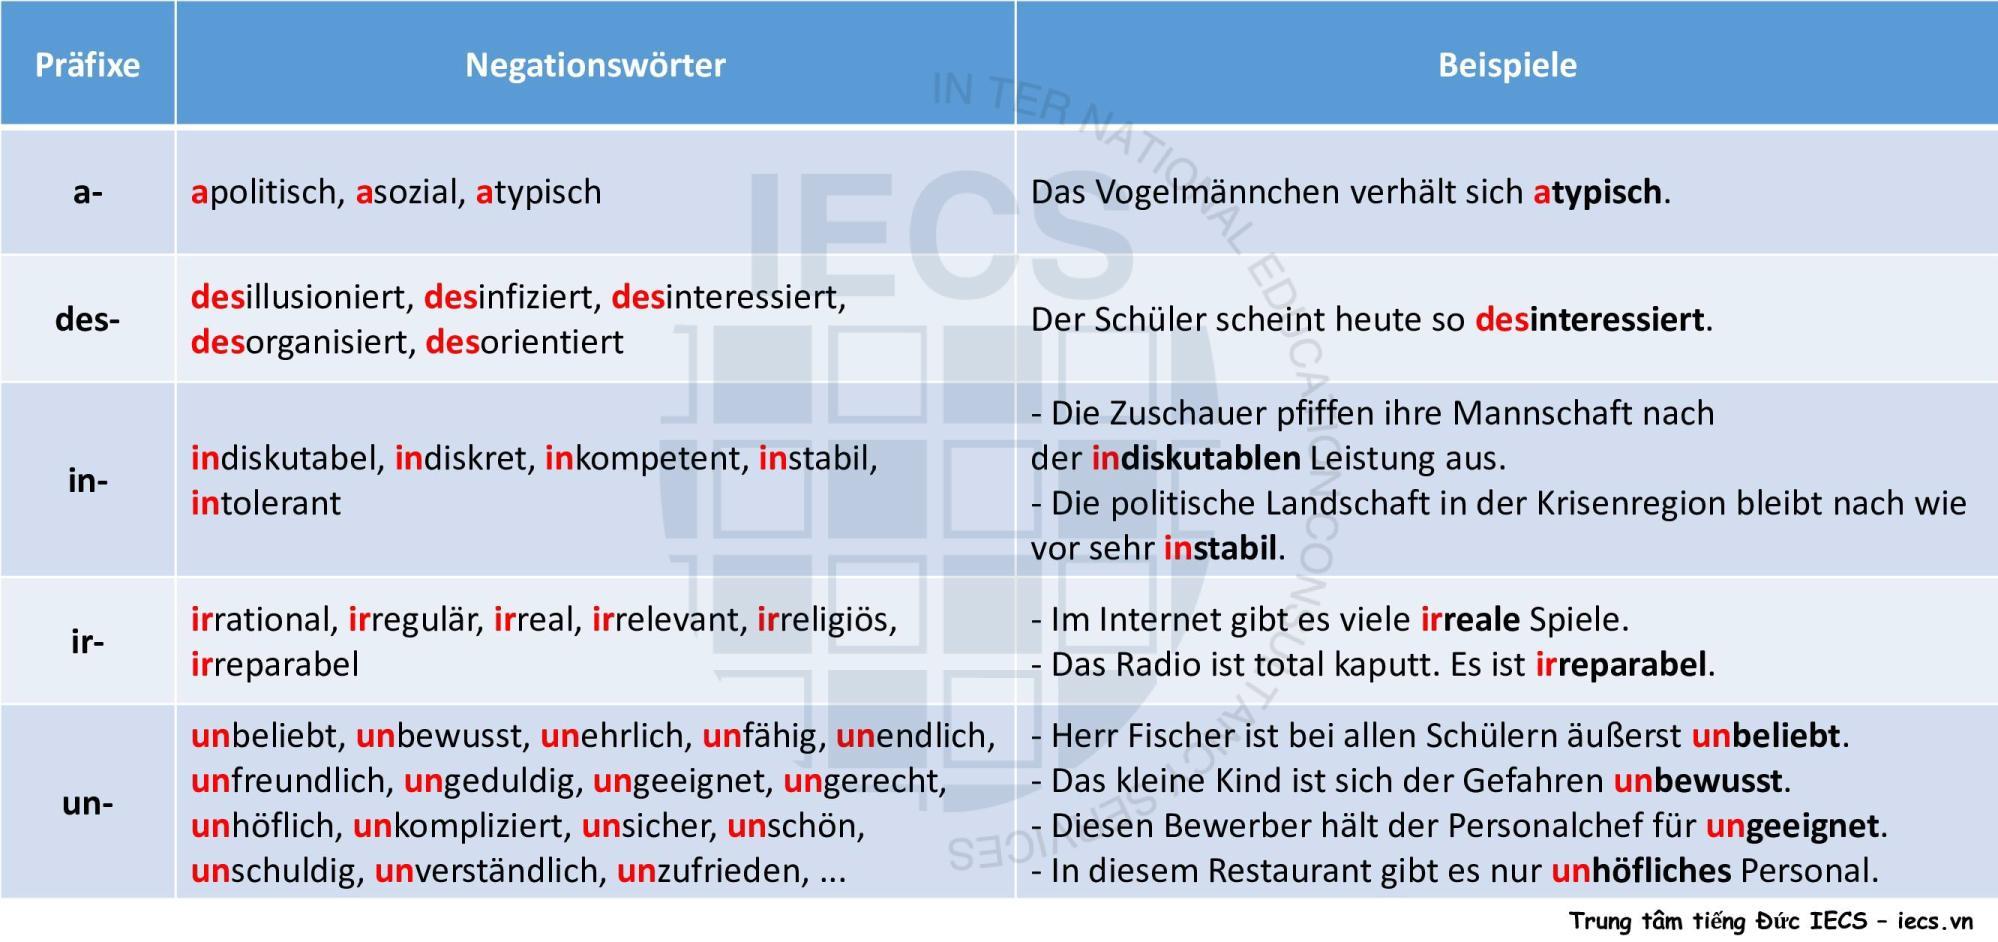 Tiền tố mang ý nghĩa phủ định trong tiếng Đức